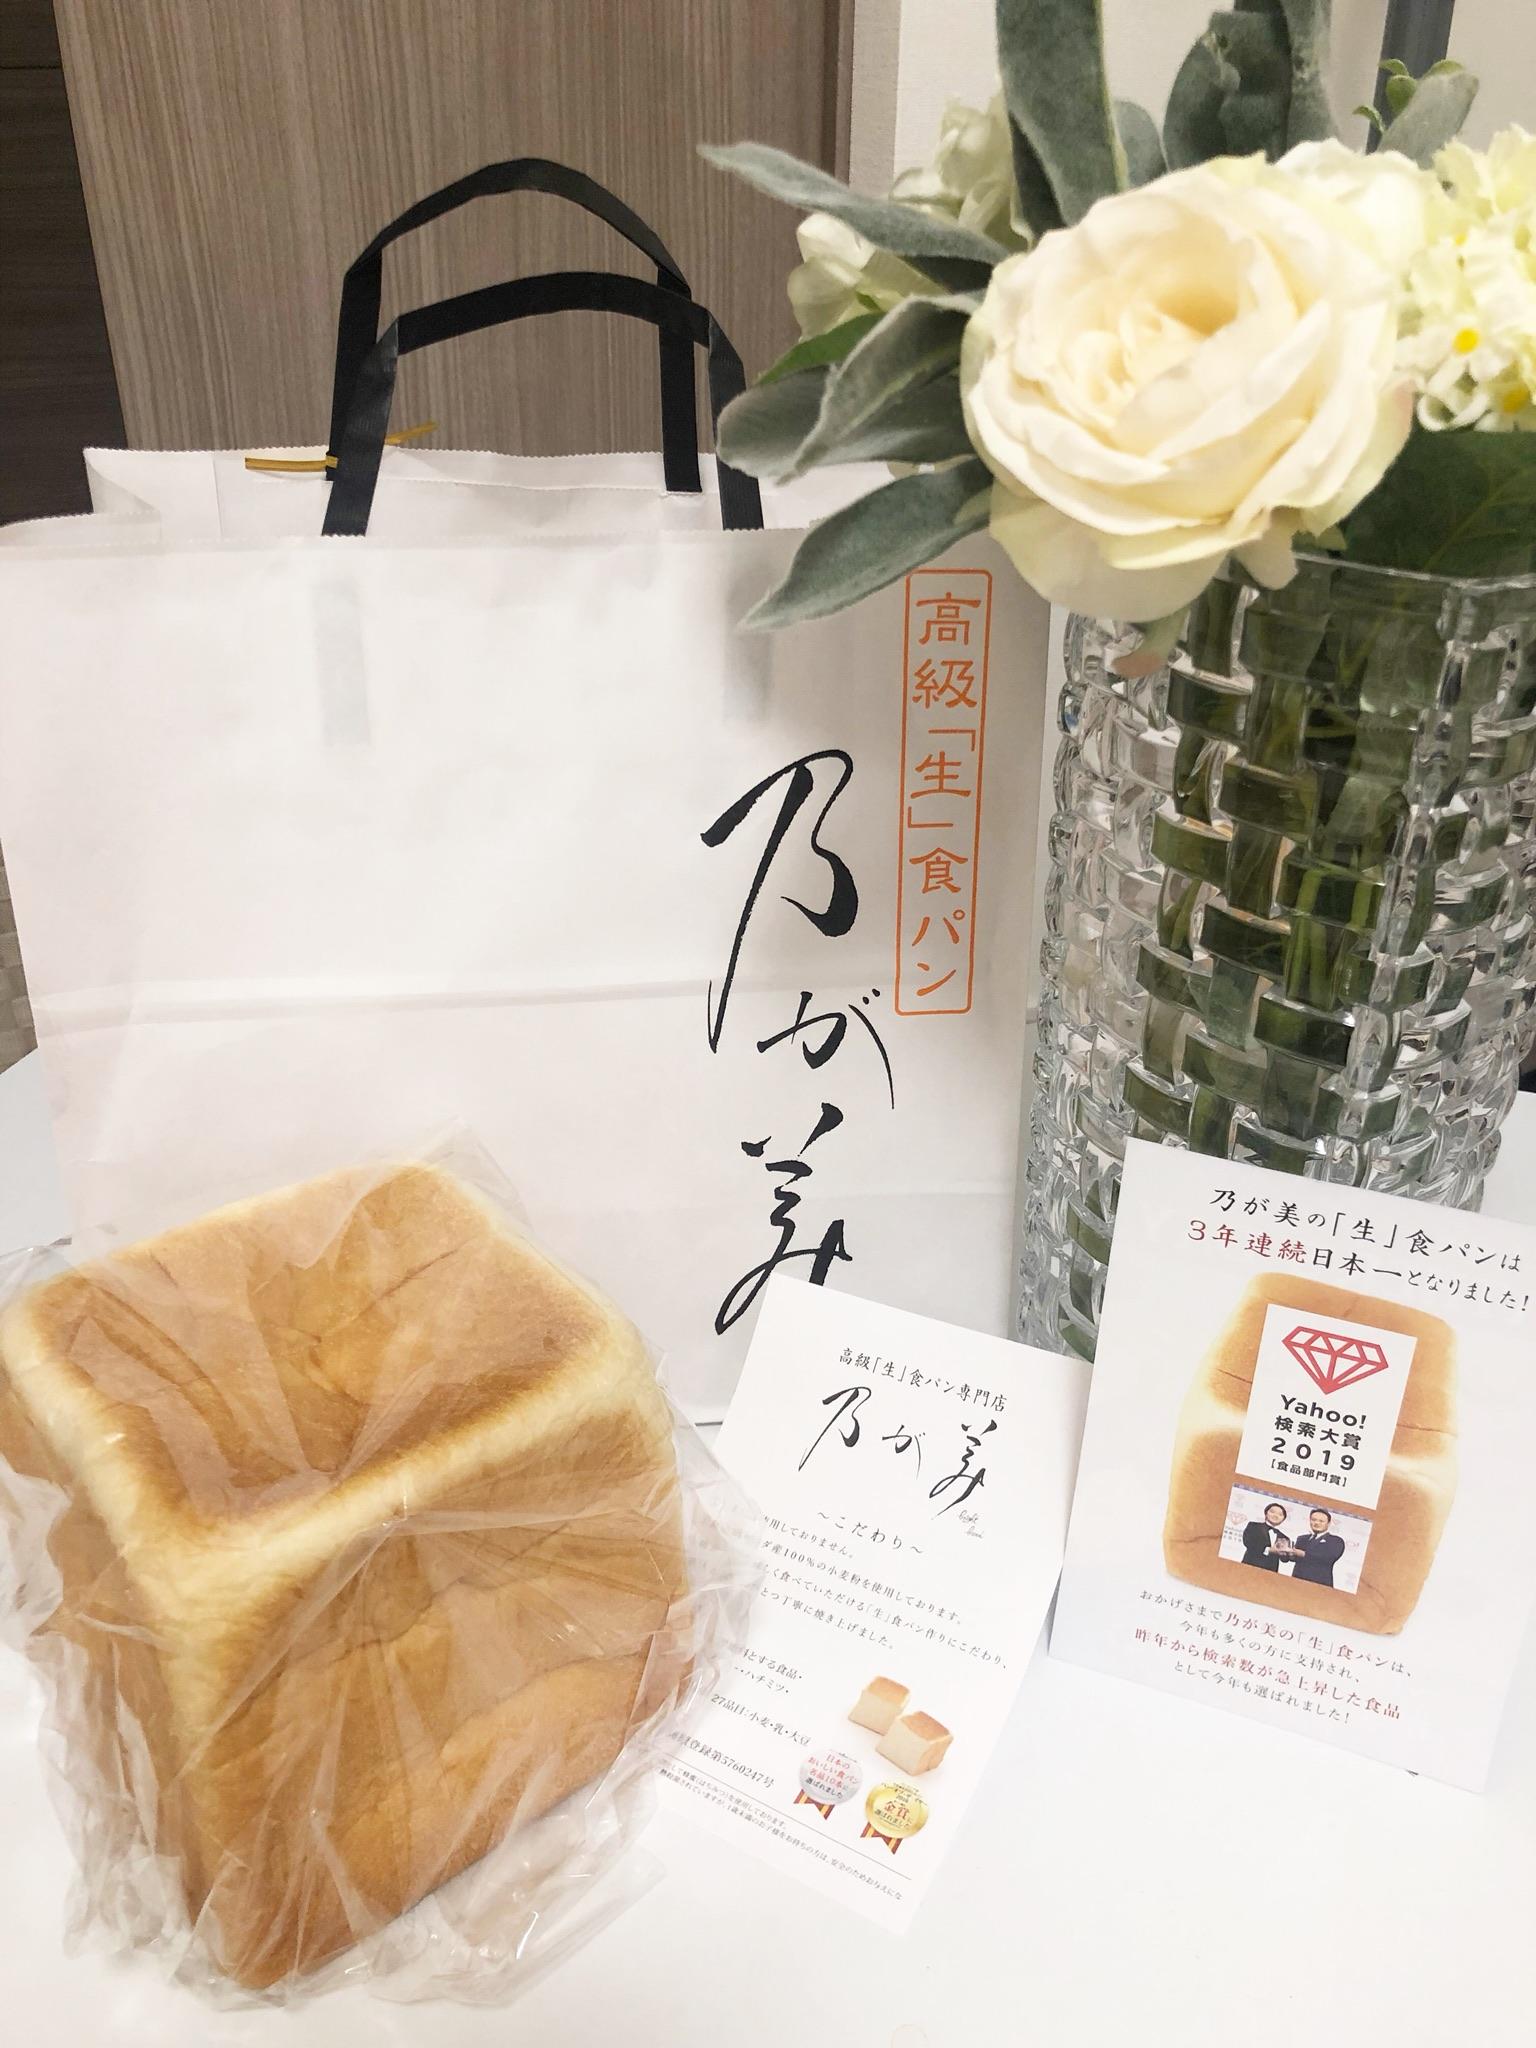 【官公庁OLが選ぶプチ手土産】3年連続日本No.1♡高級食パンでリッチなおうち時間୨୧_1